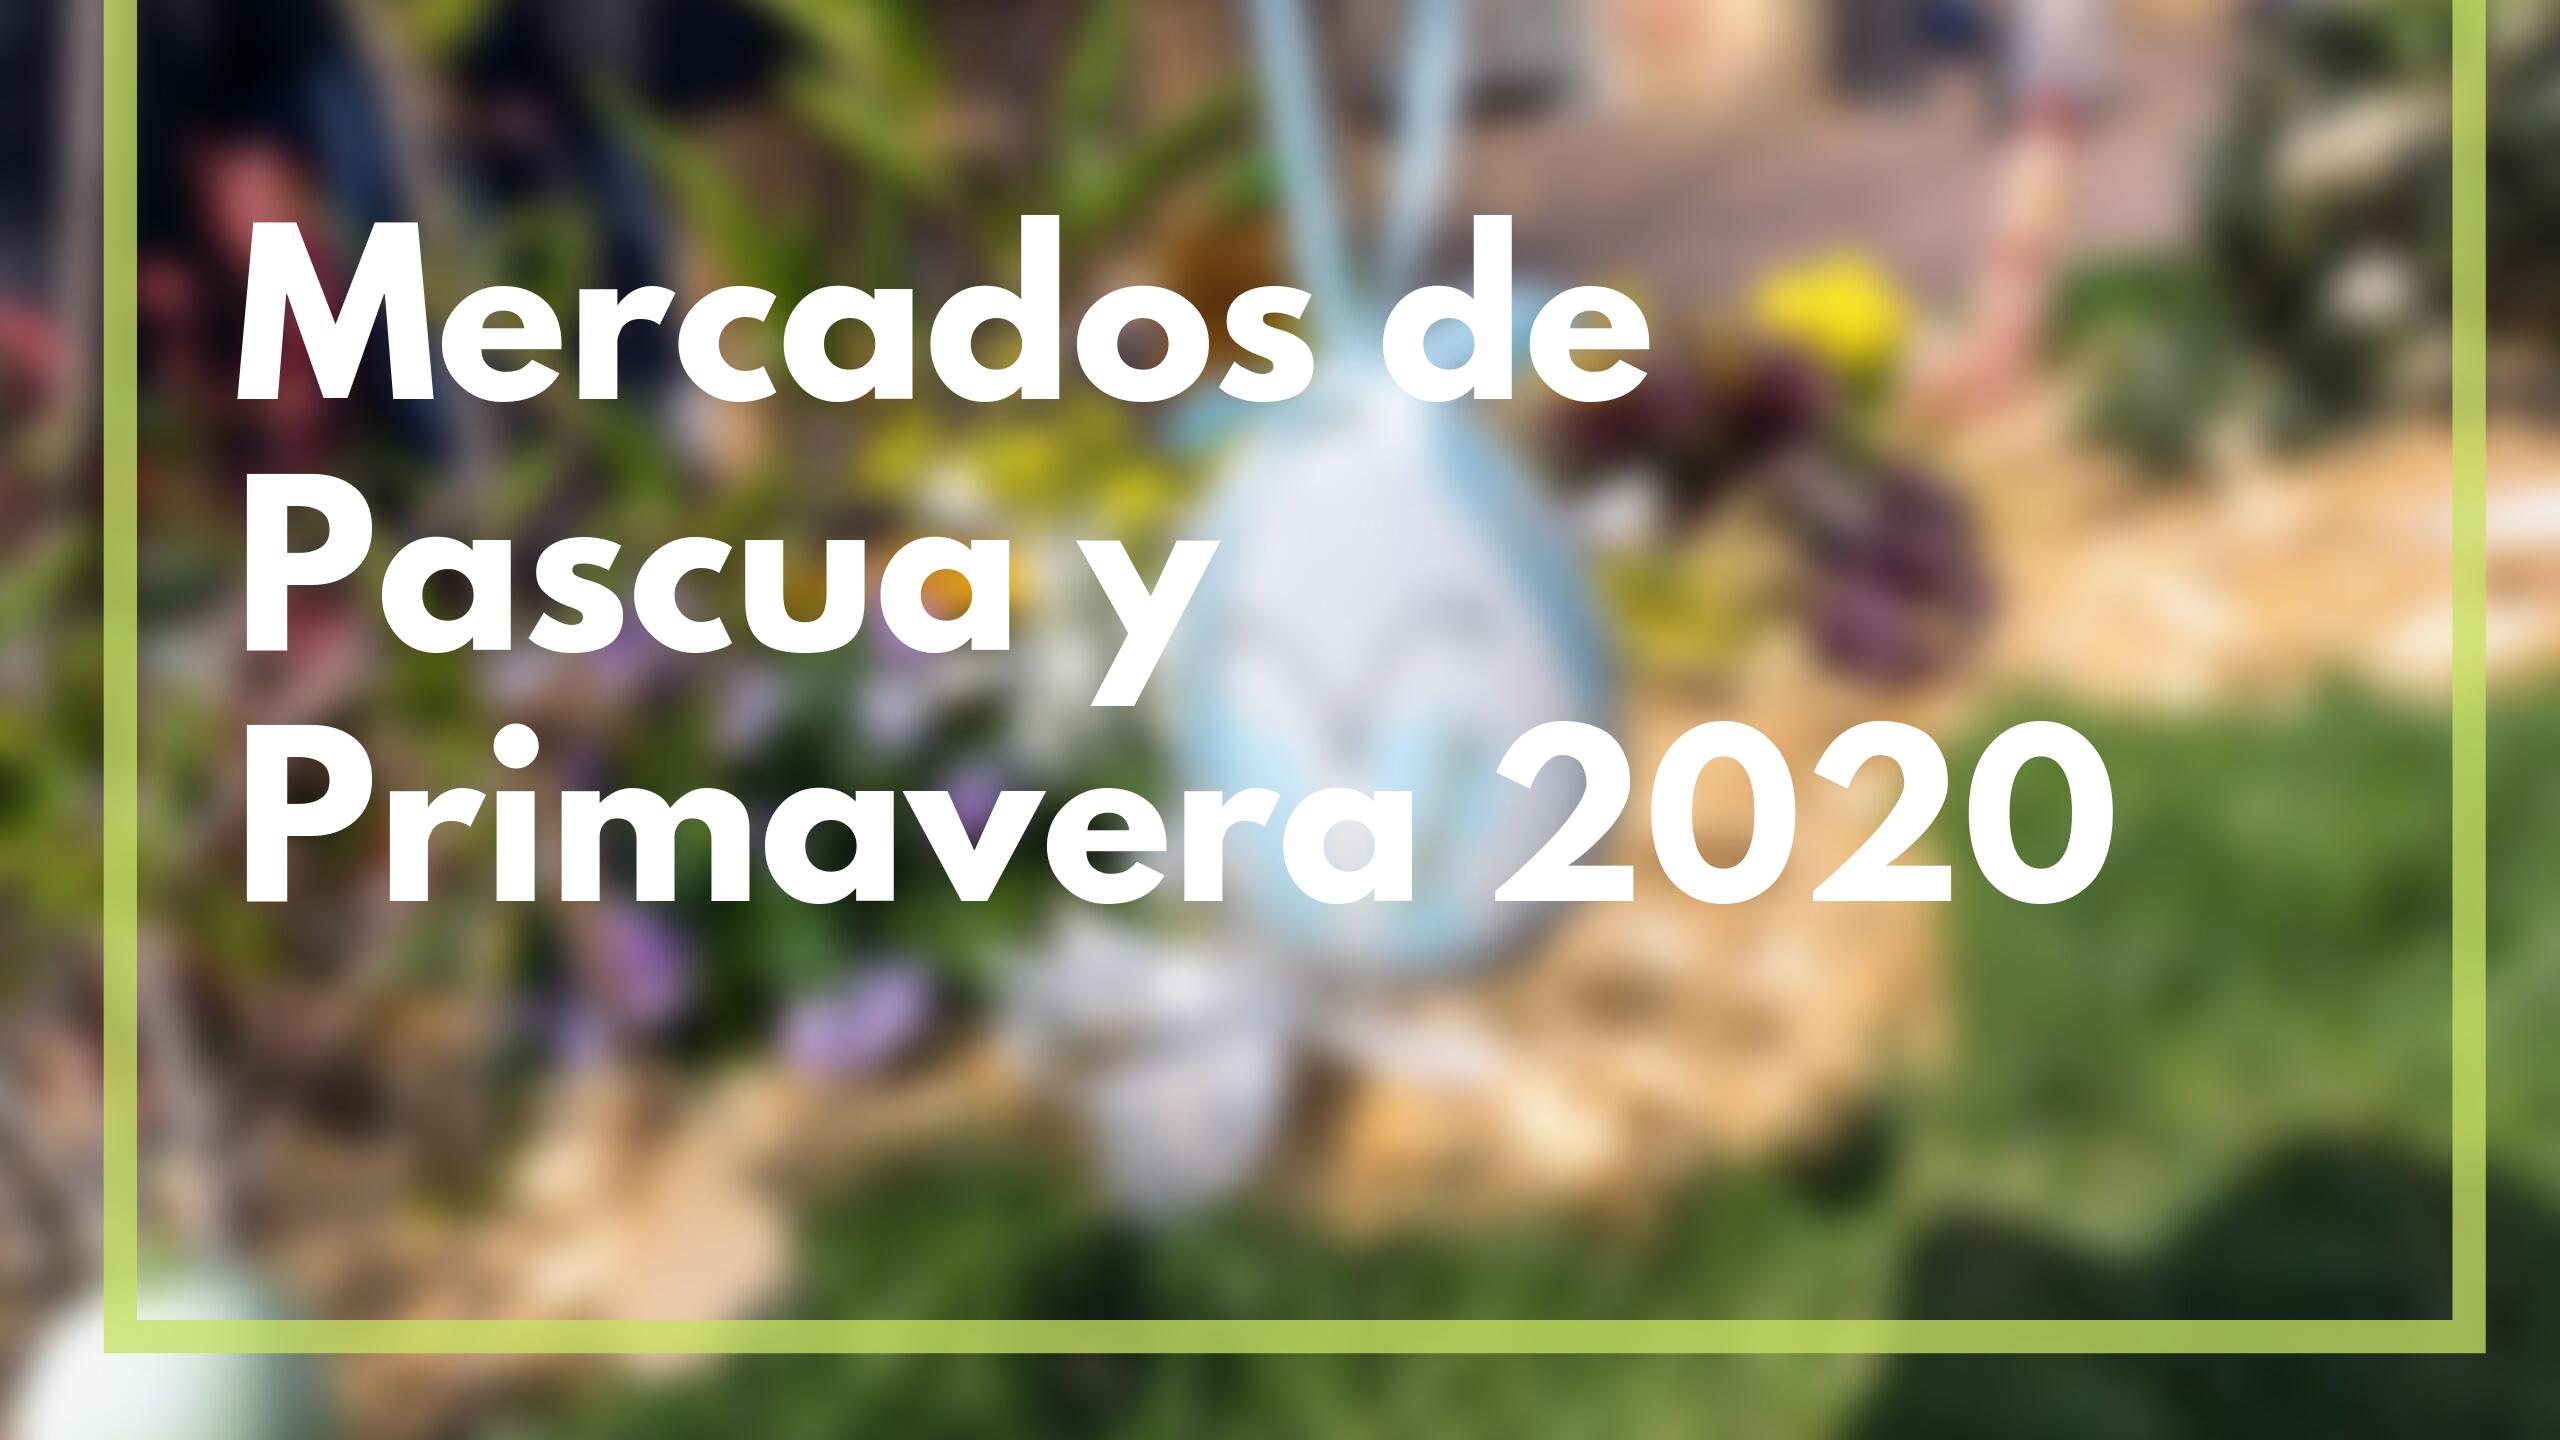 Mercados de Pascua y Primavera 2020